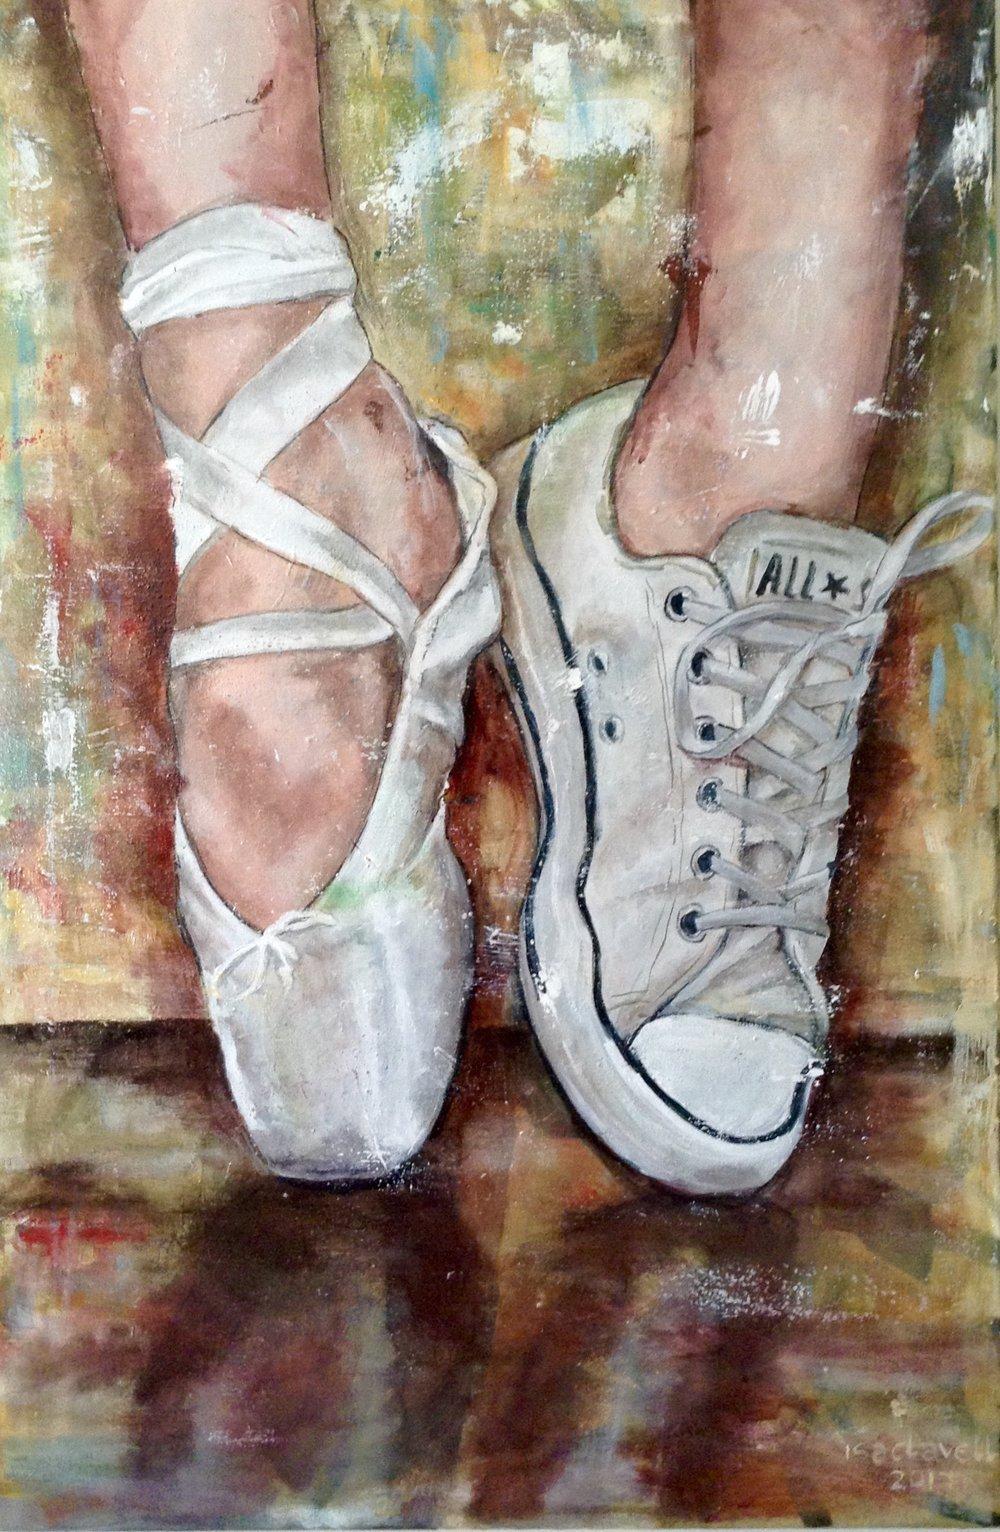 ISABEL CLAVELL   Inició su carrera como diseñadora de moda a finales de los años 80. Entre texturas, tejidos, colores, patrones y maniquíes desarrolló su vena creativa. En 2015 sintió la enorme necesidad de plasmar su forma de ver y entender el mundo a través del lienzo, de forma completamente autodidacta. Clavell observa y plasma en sus obra la realidad cotidiana desde su particular punto de vista.